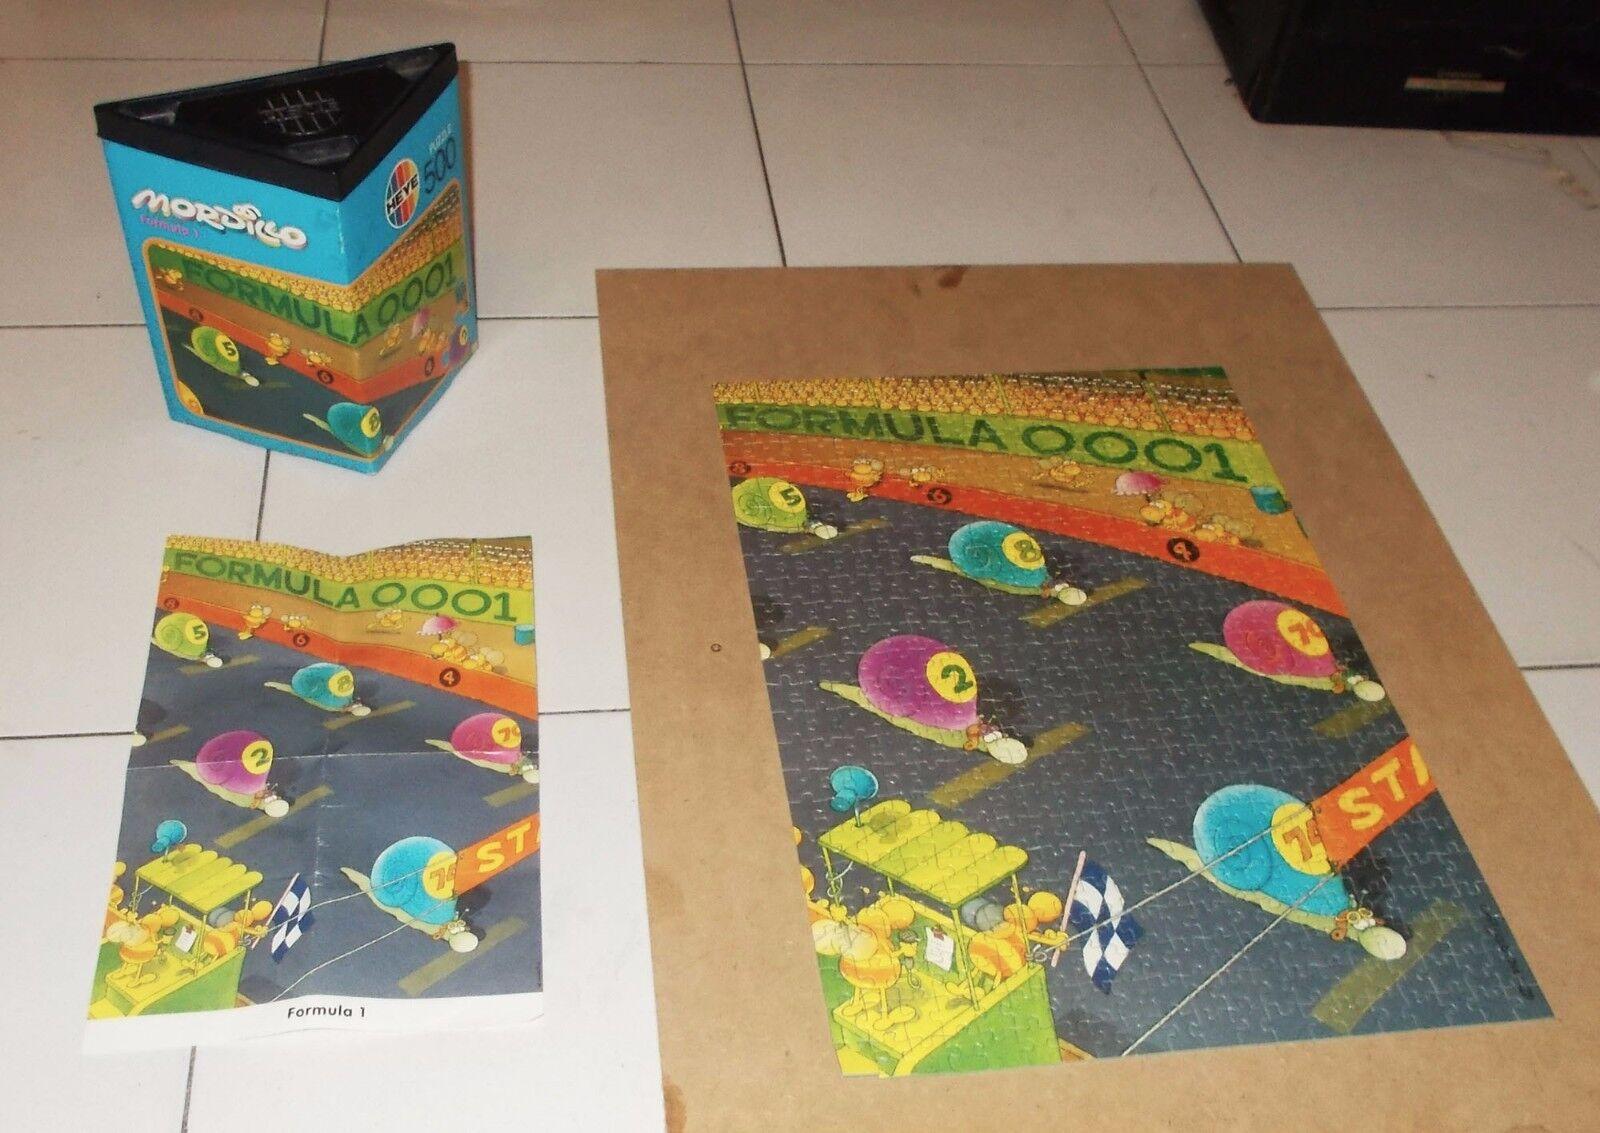 PUZZLE MORDILLO Formula 1 - 500 pcs Heye 1992 art 8364 PERFETTO Guillermo F1 One